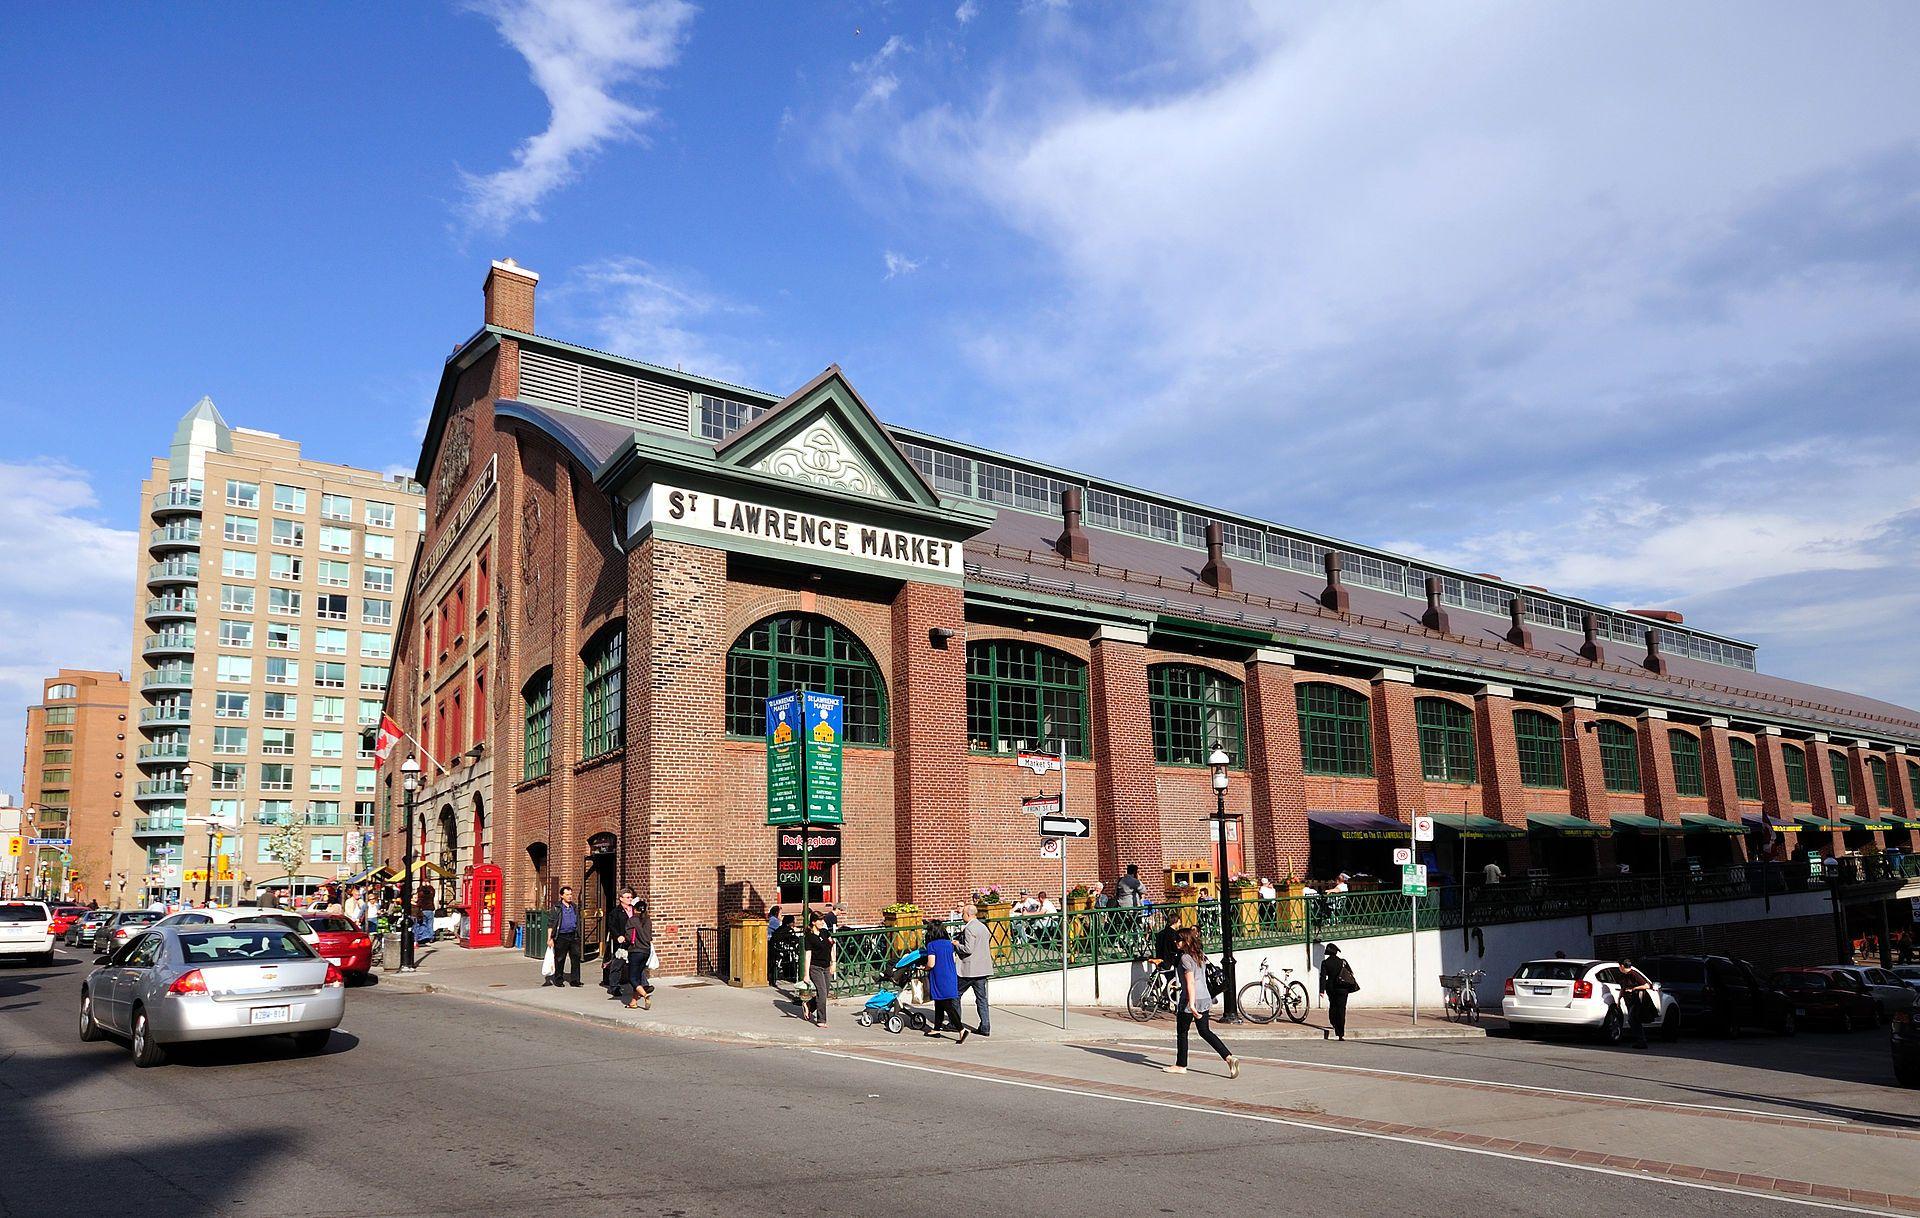 Toronto - ON - St Lawrence Market - St. Lawrence Market – Wikipedia, wolna encyklopedia